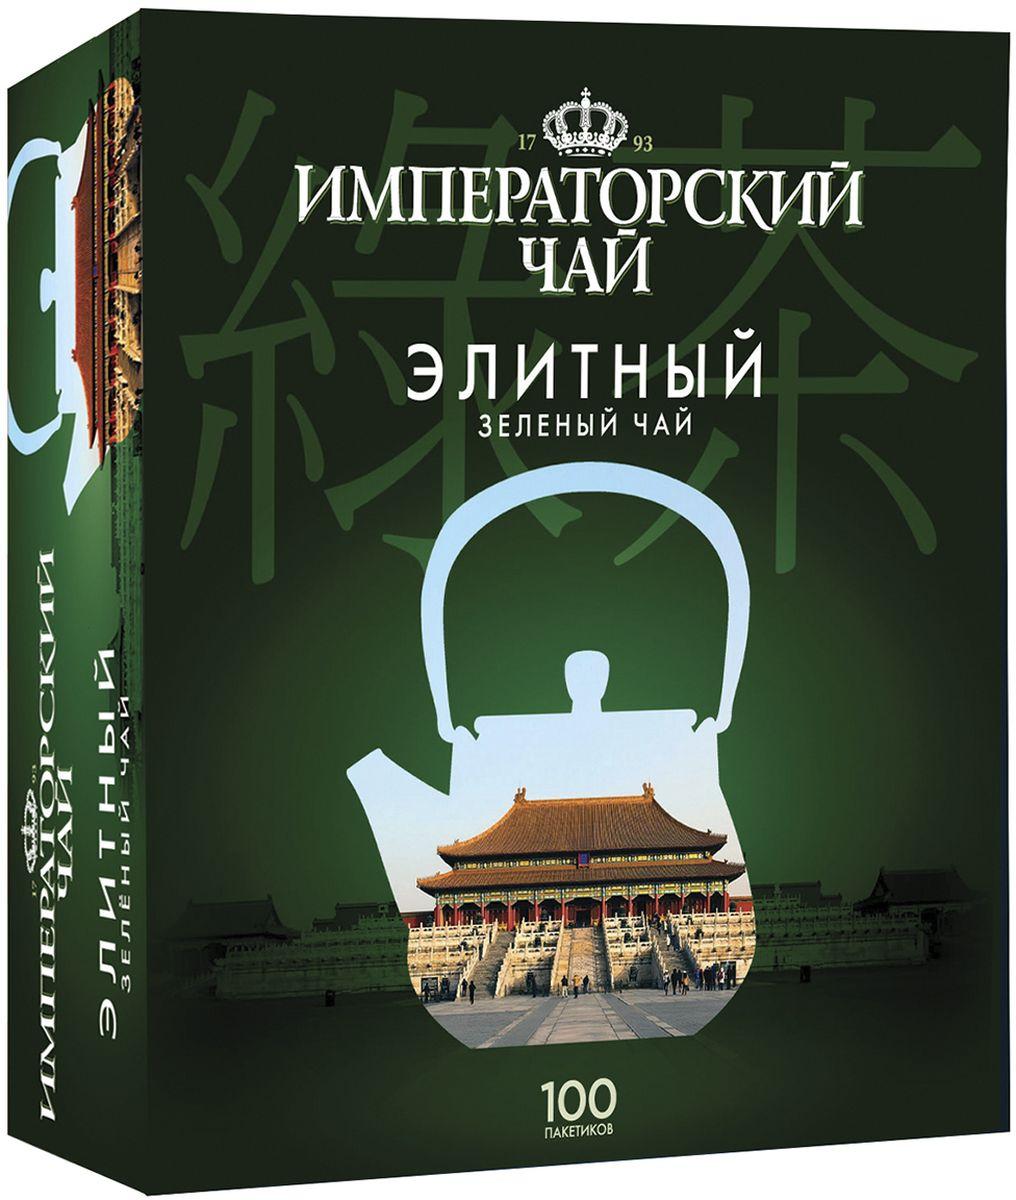 Императорский чай Элитный, 100 шт50-49Китайский чай из провинции Юньнань, одного из самых экологически чистых уголков планеты, уважаем и любим самыми взыскательными ценителями этого напитка. Настой обладает ярким, чуть терпким вкусом и утонченным ароматом. Замечательно подходит для чаепития в любое время дня.Всё о чае: сорта, факты, советы по выбору и употреблению. Статья OZON Гид